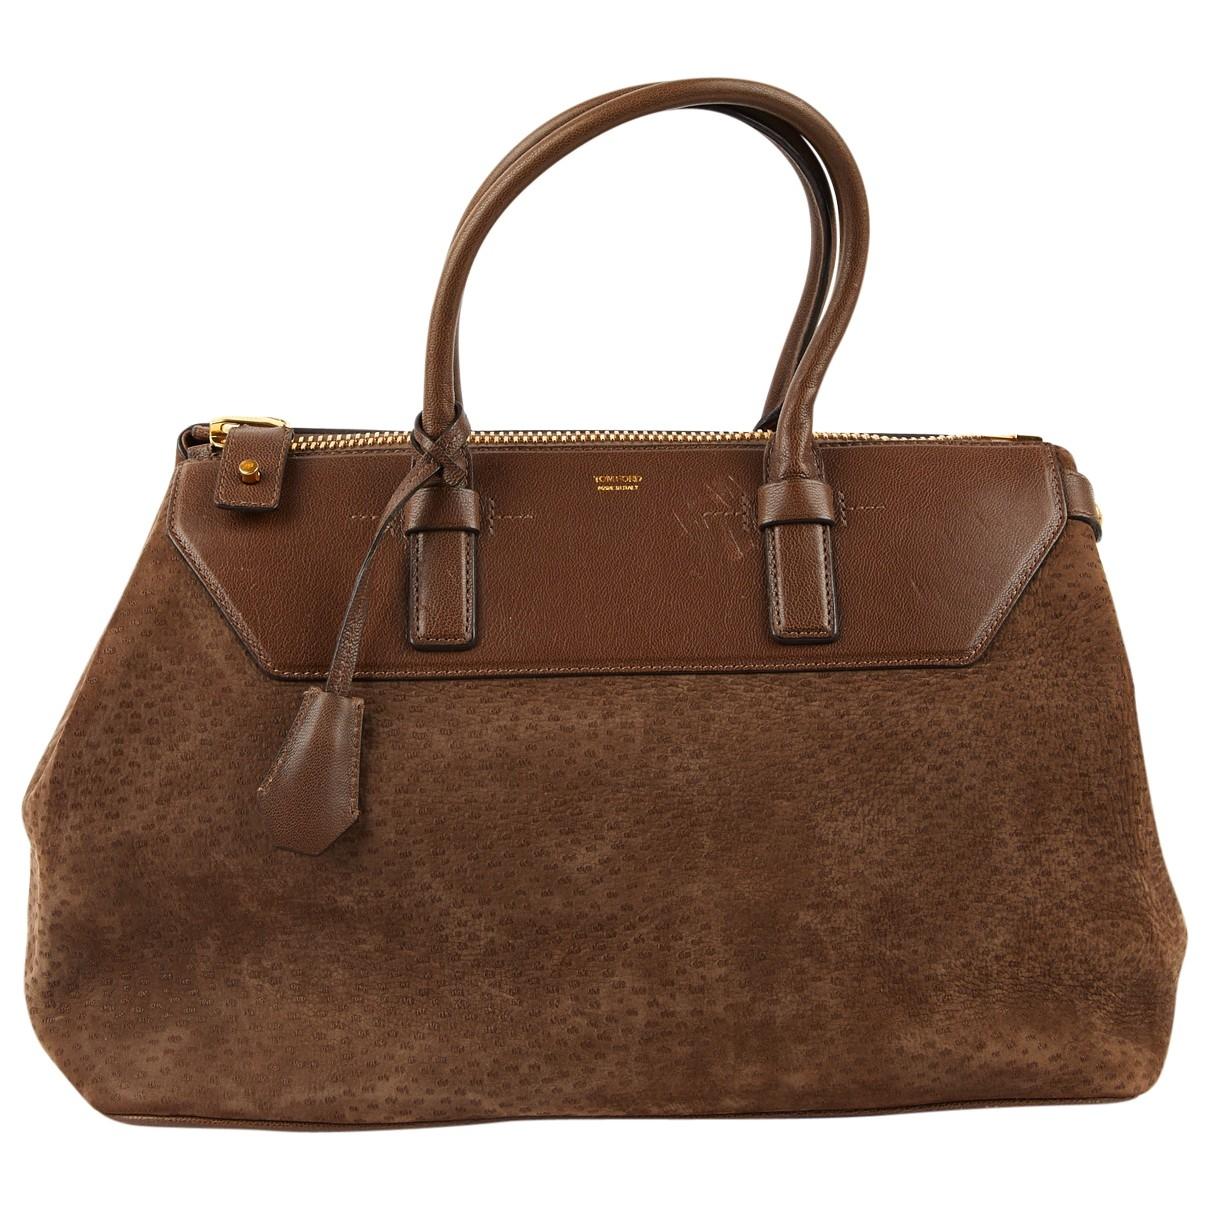 Tom Ford \N Brown Suede handbag for Women \N